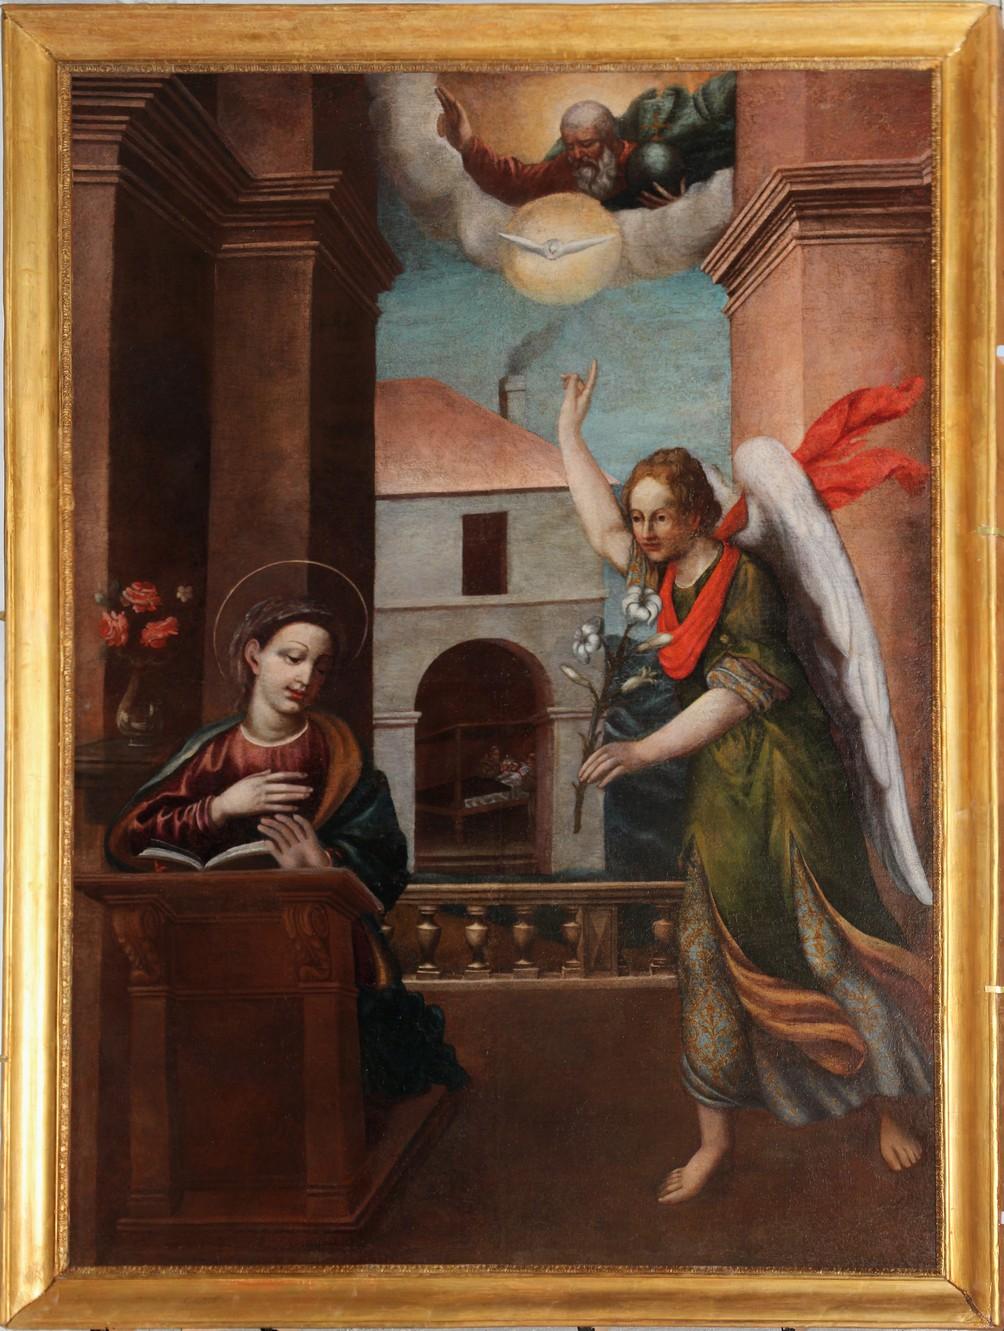 Bastia : L'énigme de «L'annonciation», une toile du 17ème siècle,  élucidée